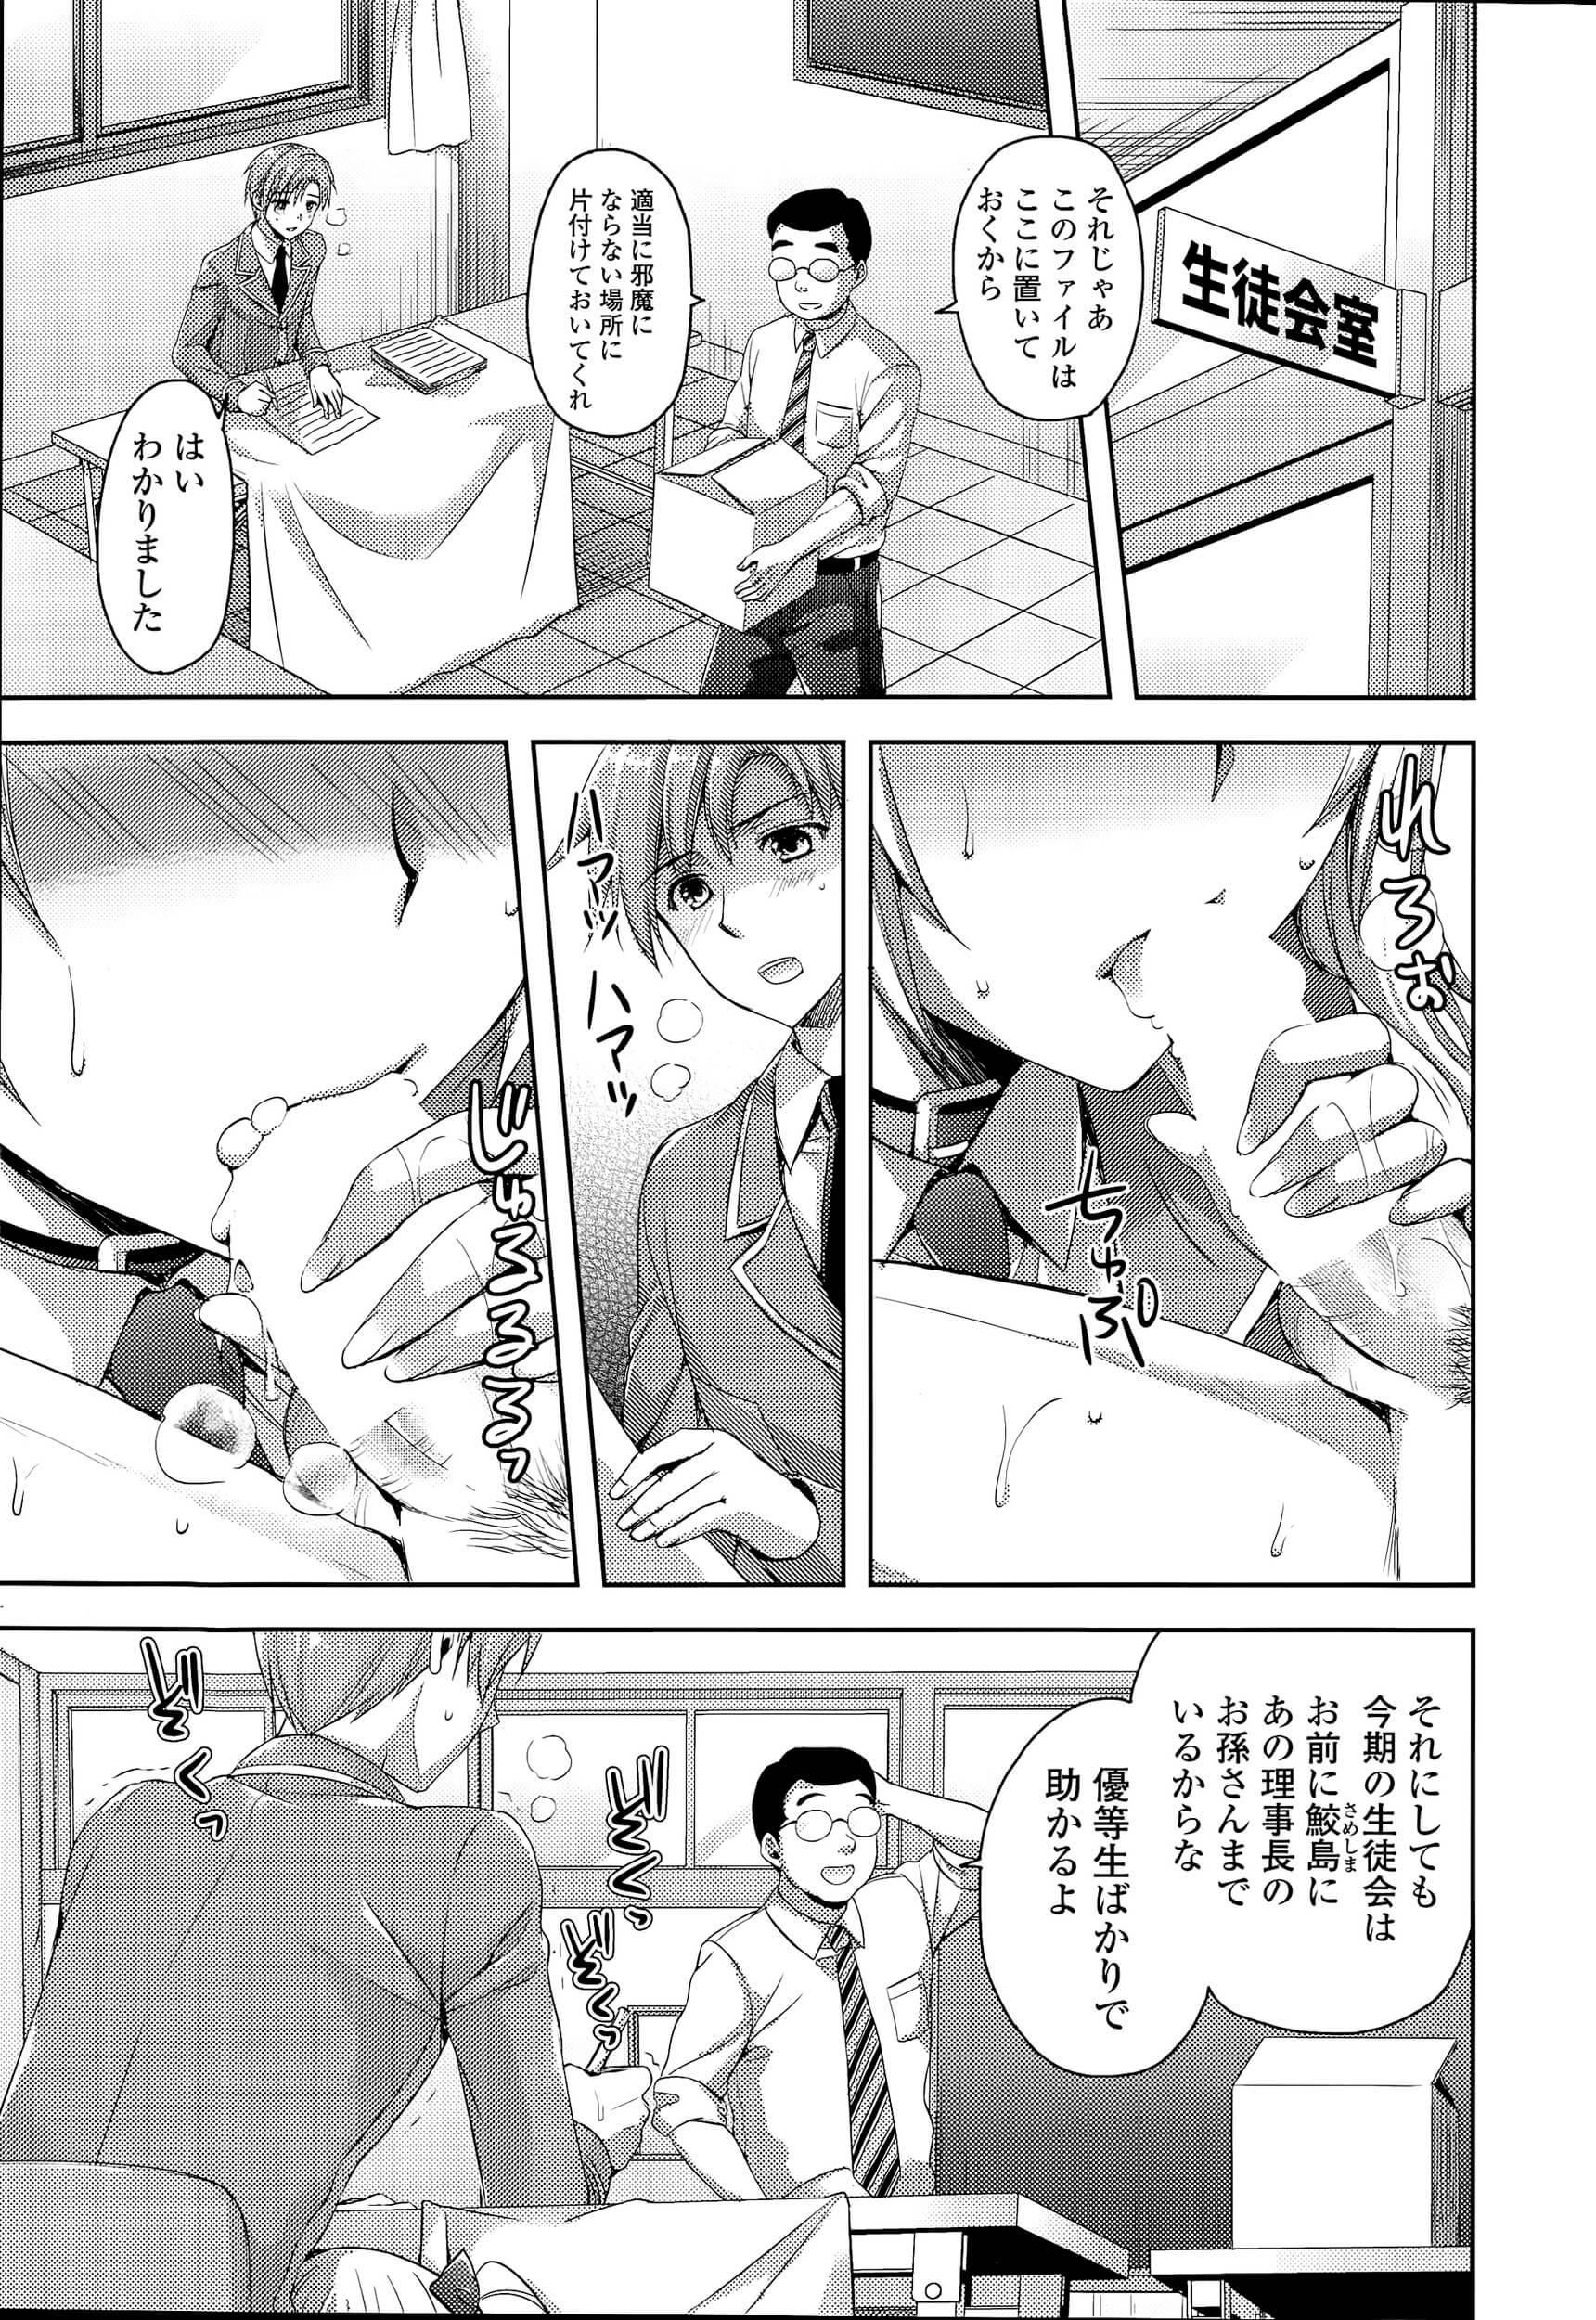 【エロ漫画】学校の生徒会室で杏樹は澤田先輩にフェラしていて疼いていると星羅に止められ、星羅が澤田にパイズリしてザーメンぶっかけられちゃうw【無料 エロ同人】